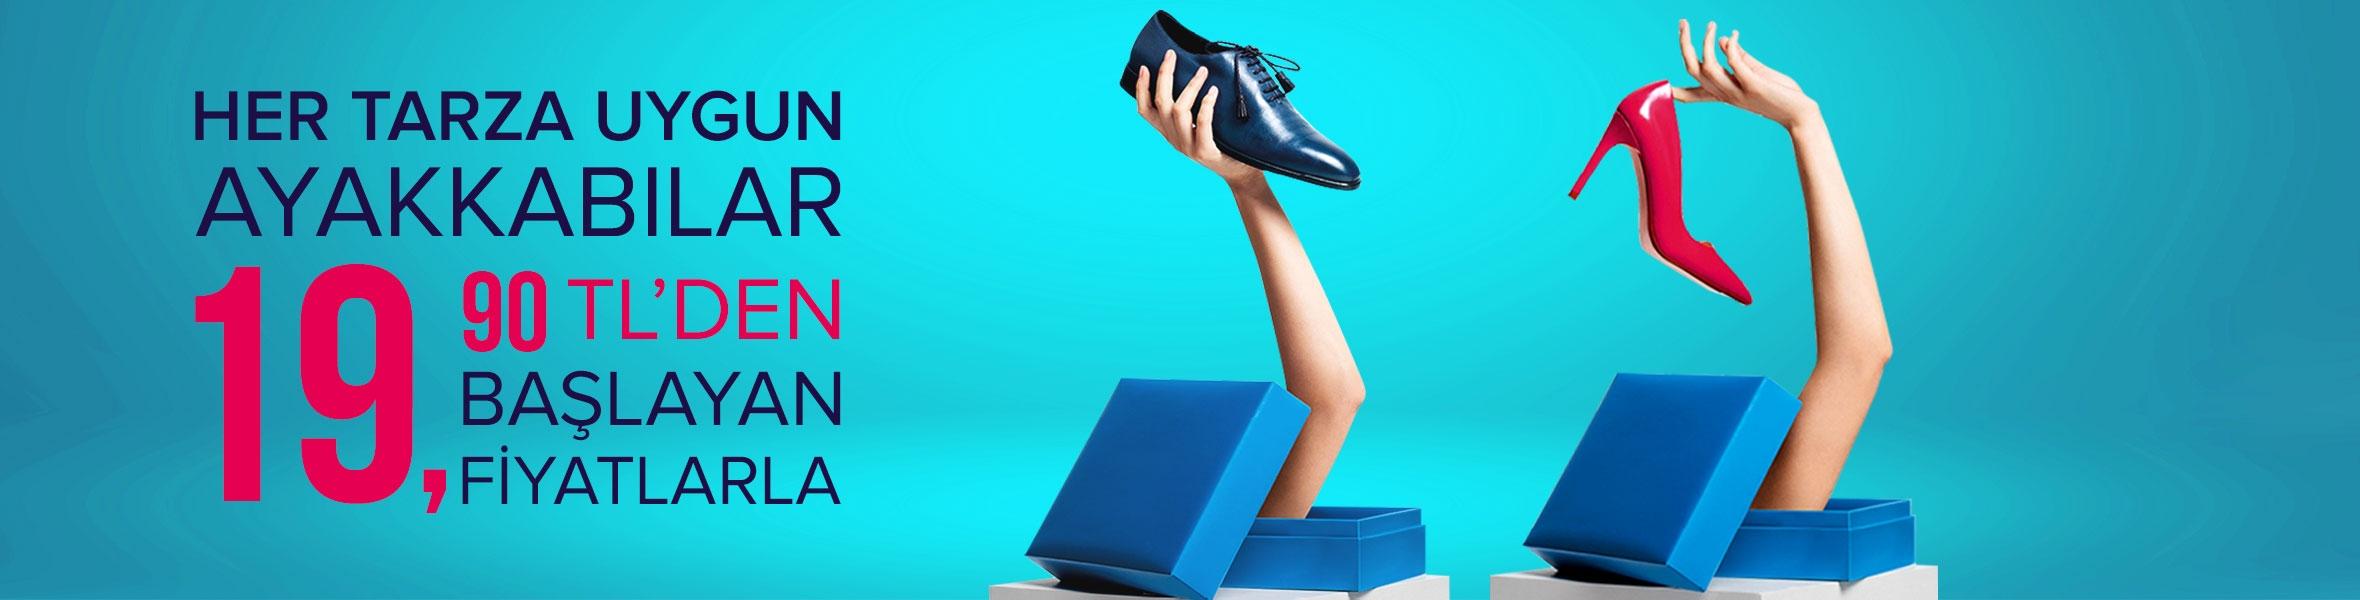 Ayakkabılar 19.90 TL'den Başlayan Fiyatlarla